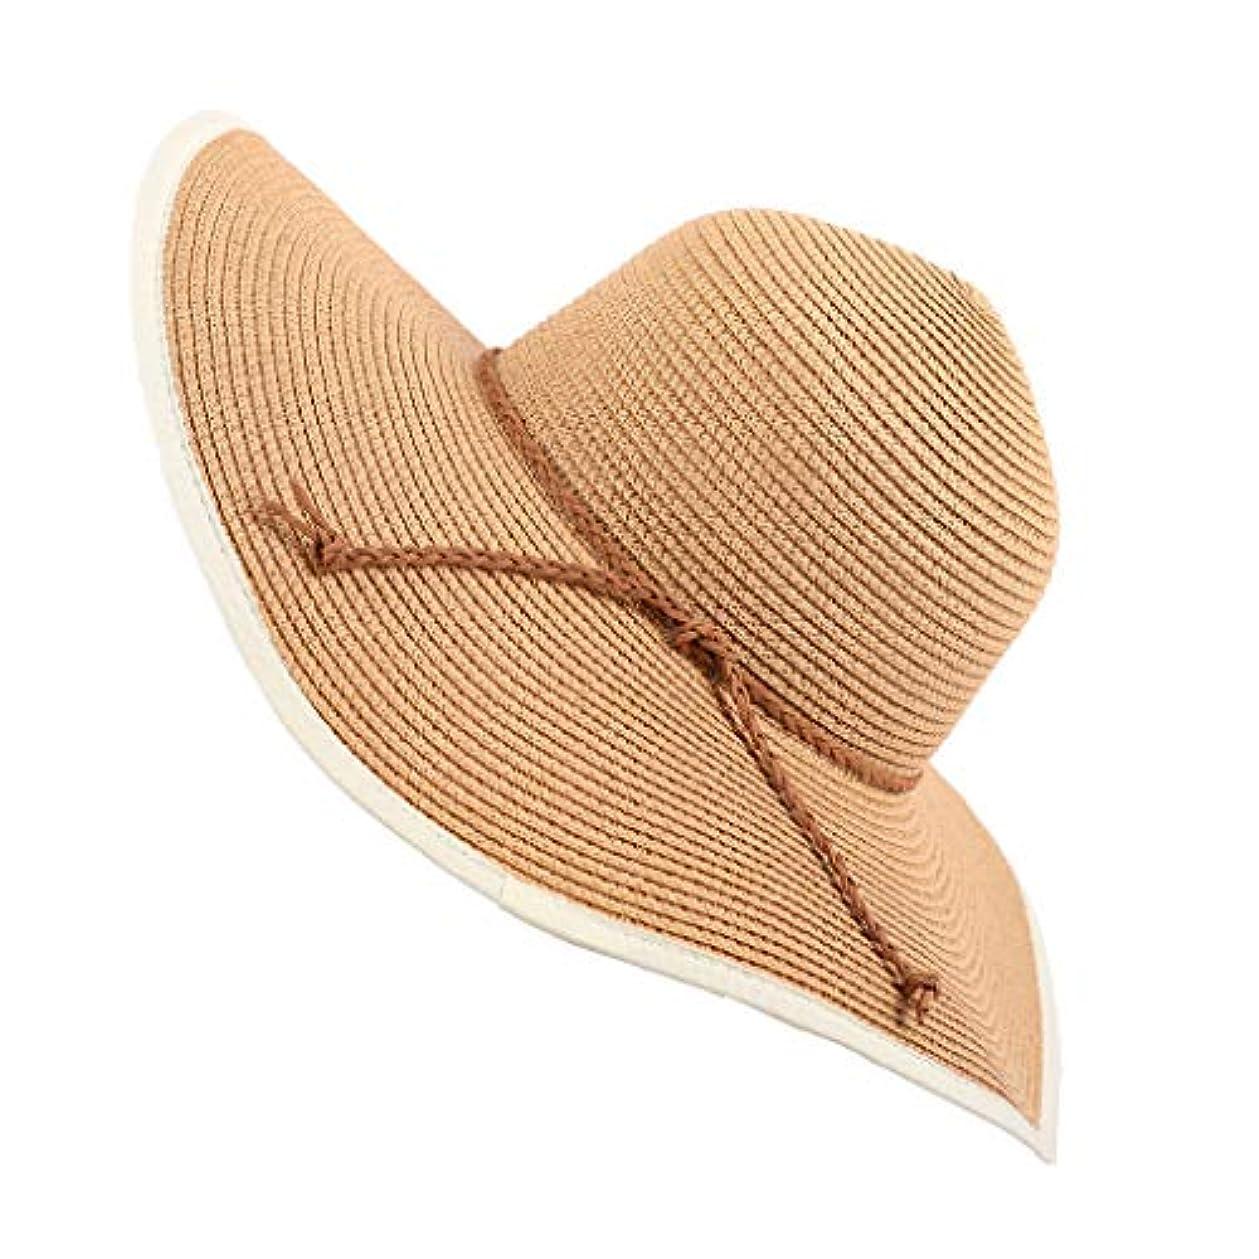 複雑でないフットボール分離UVカット 帽子 UV帽子 紫外線対策 通気性 ビーチ ハット 帽子 レディース 取り外すあご紐 サイズ調節可 つば広 おしゃれ 可愛い ハット 旅行用 日よけ 夏季 女優帽 小顔効果抜群 海辺 ワイルド パーティーROSE...